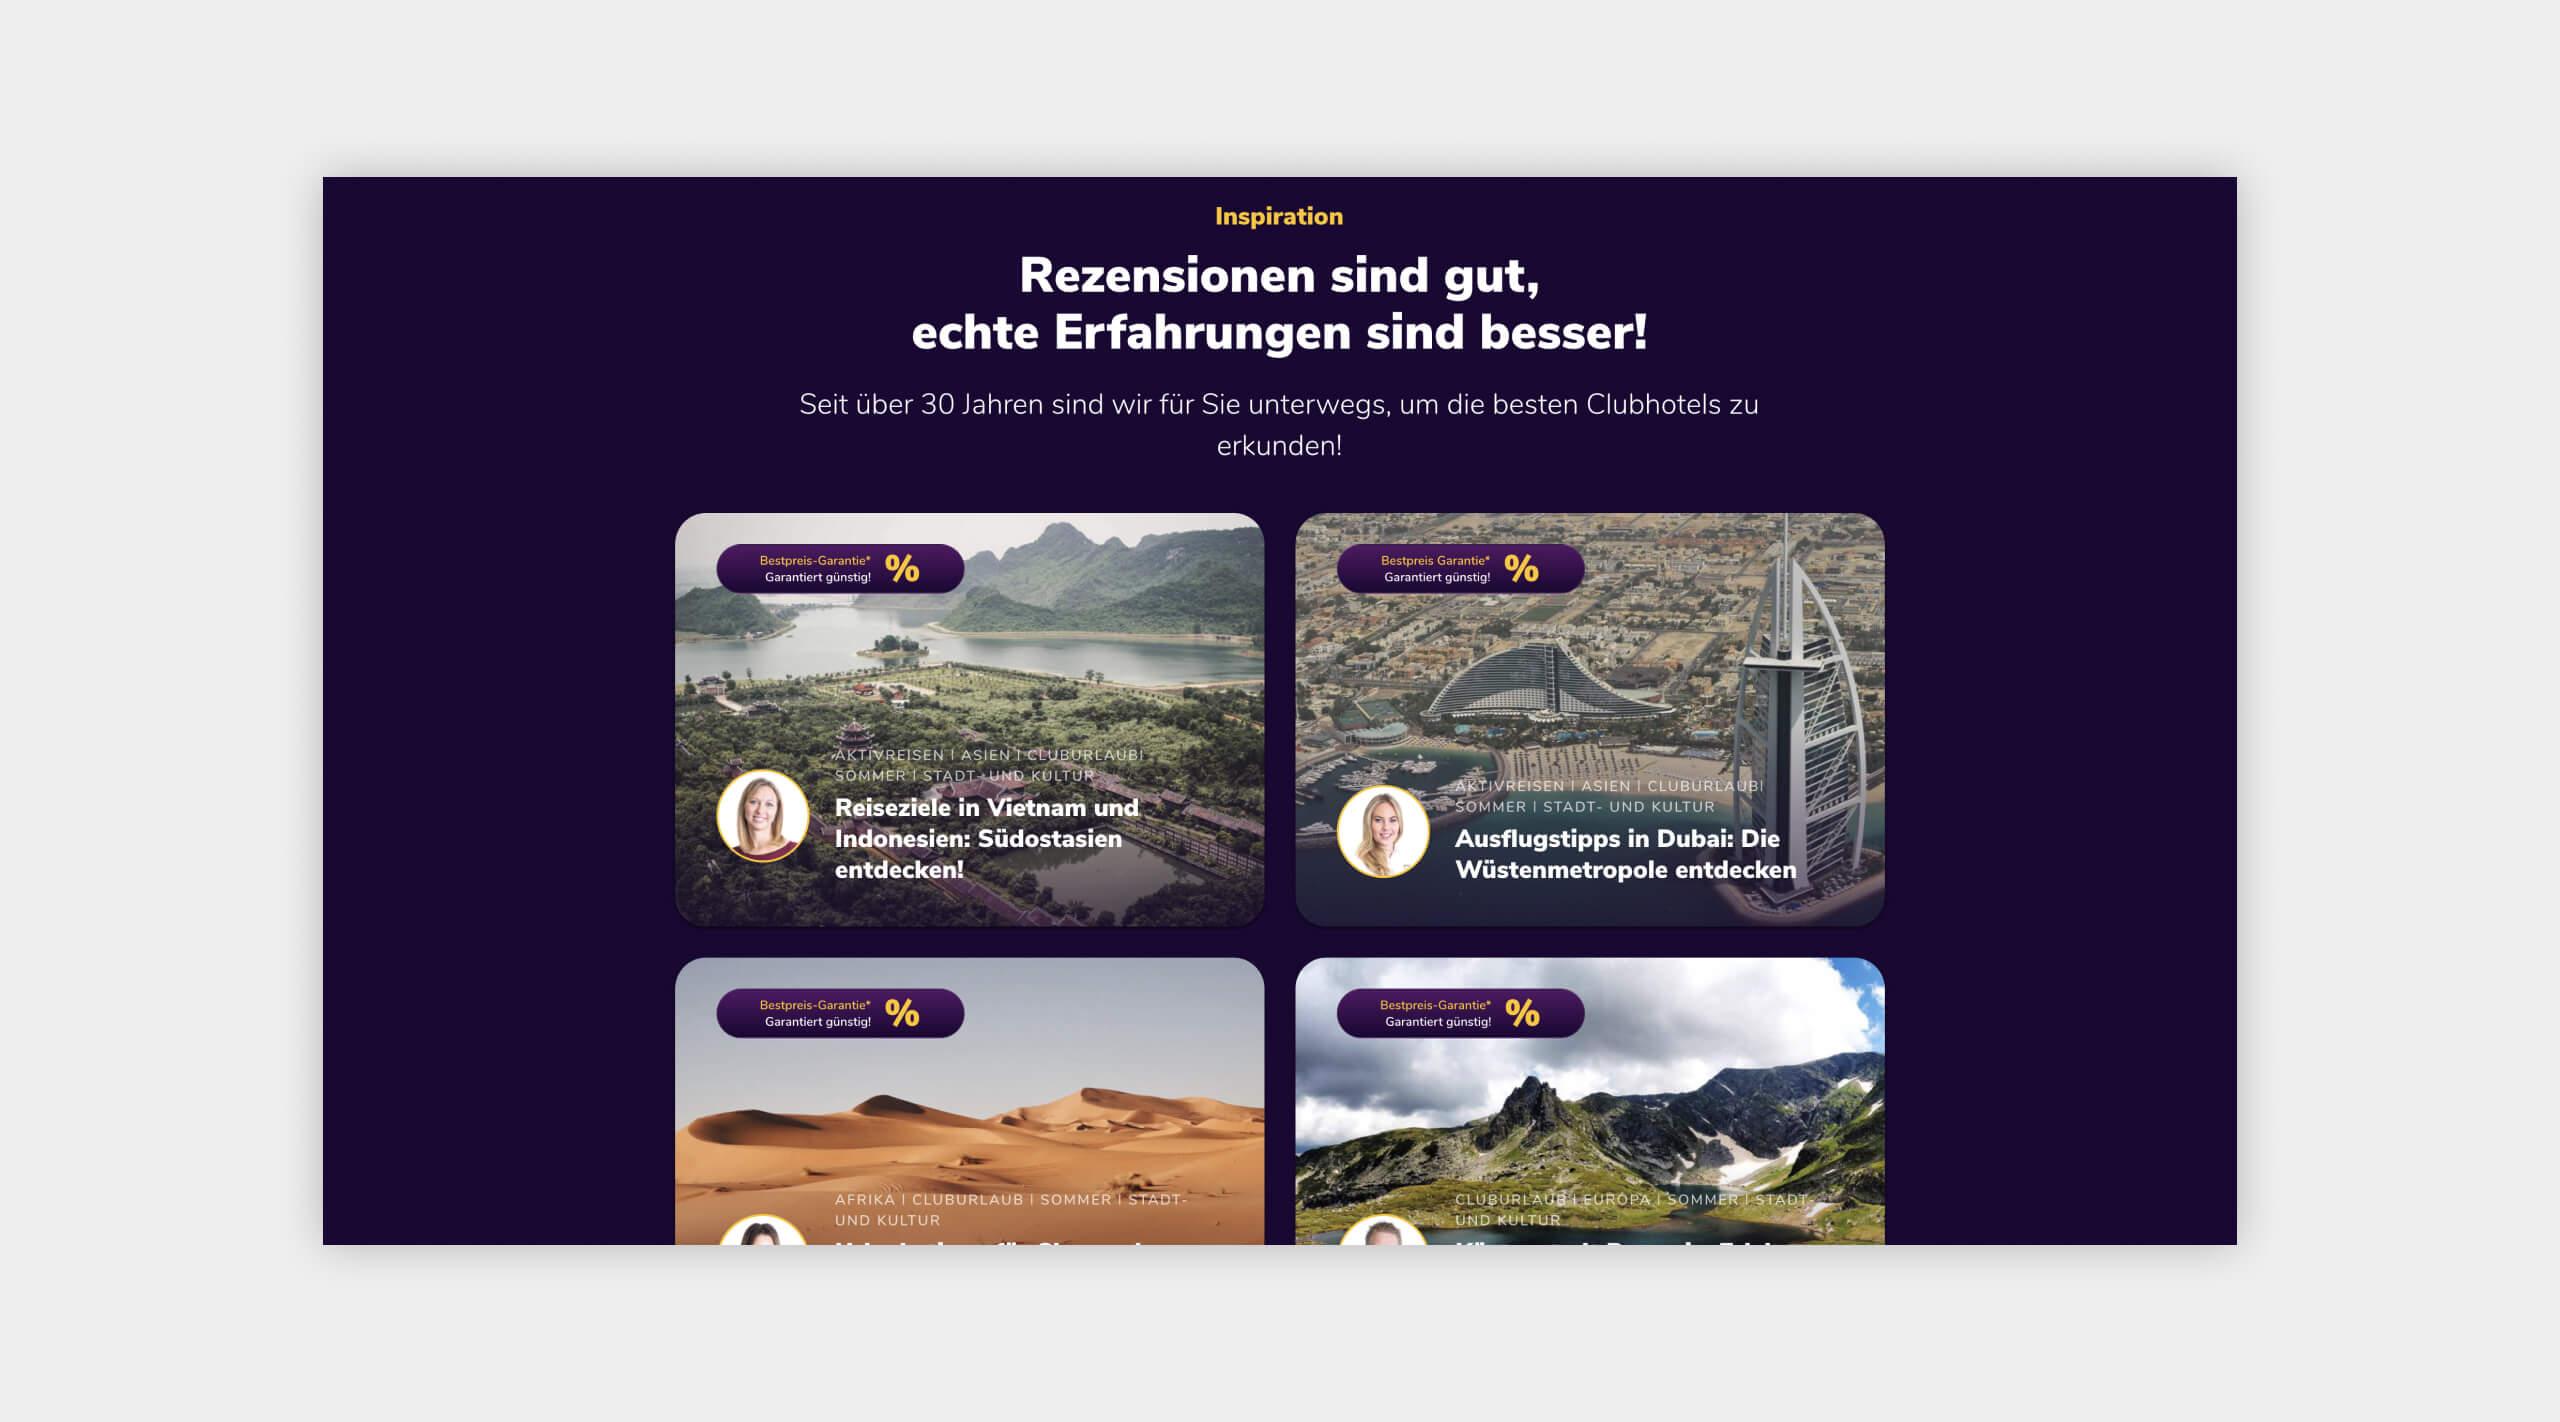 Auszug als Screenshot von Inspirationen auf der Website vom ReiseClub24.